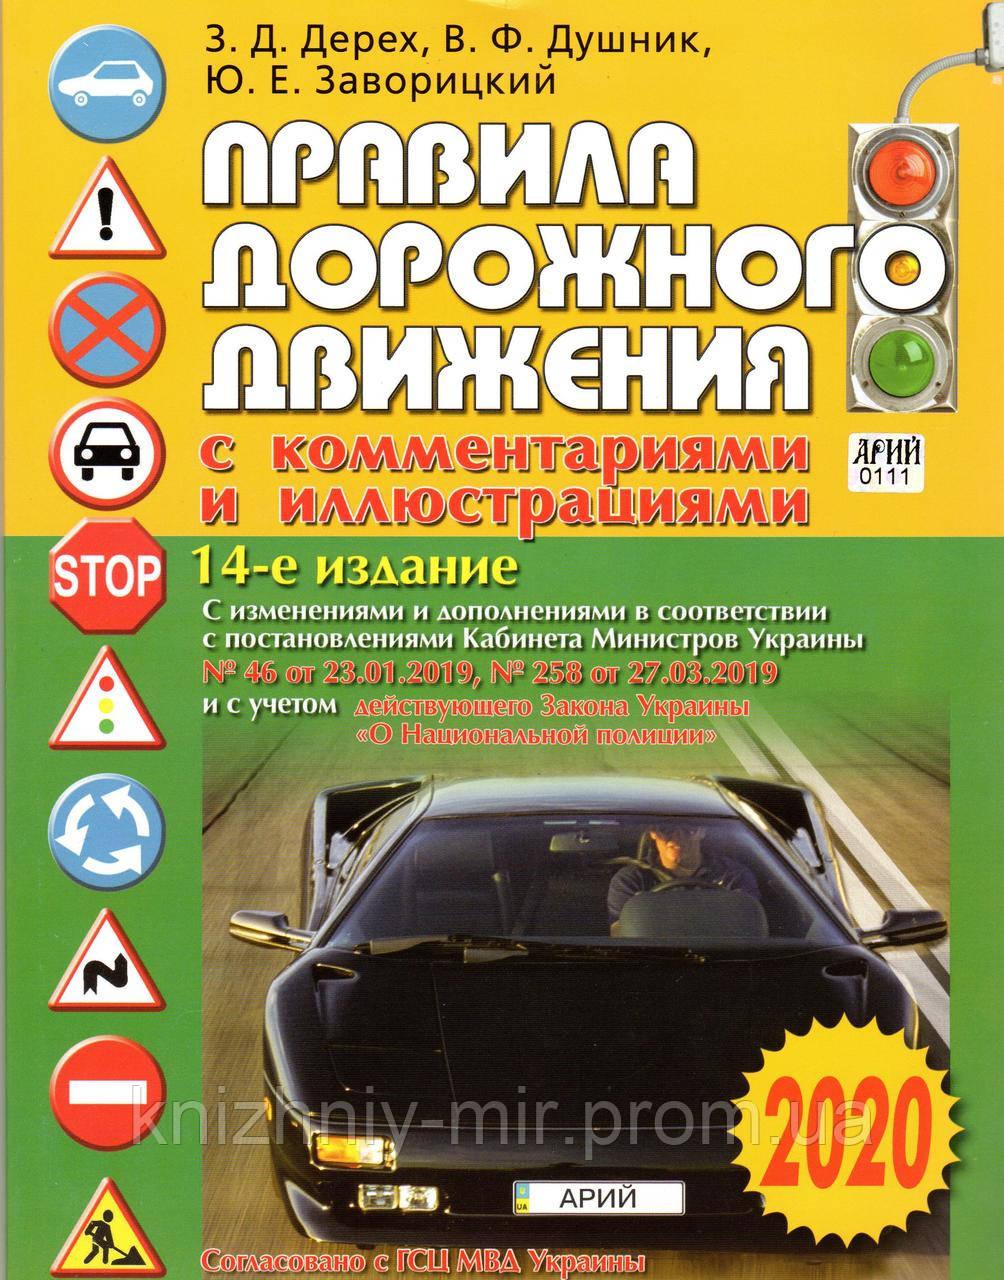 Дерех Правила дорожного движения Украины 2020 с комментариями и иллюстрациями. 14-е изд.